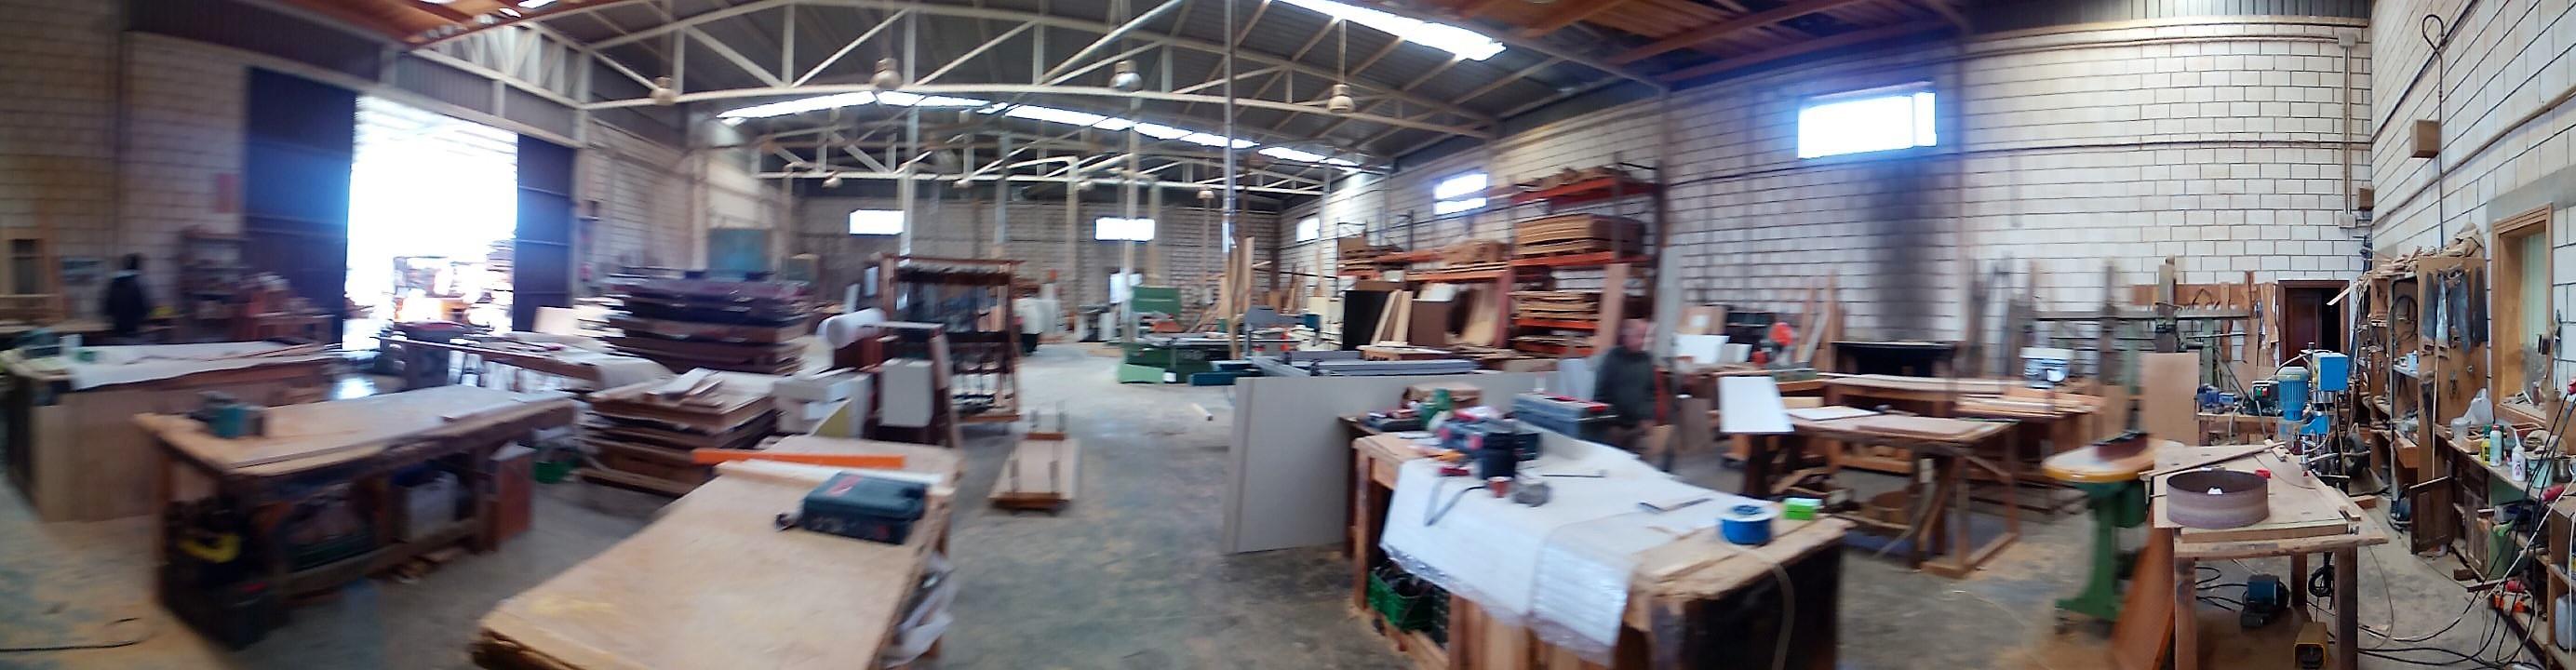 Carpintería en la Vera Almacen de maderas Macayo